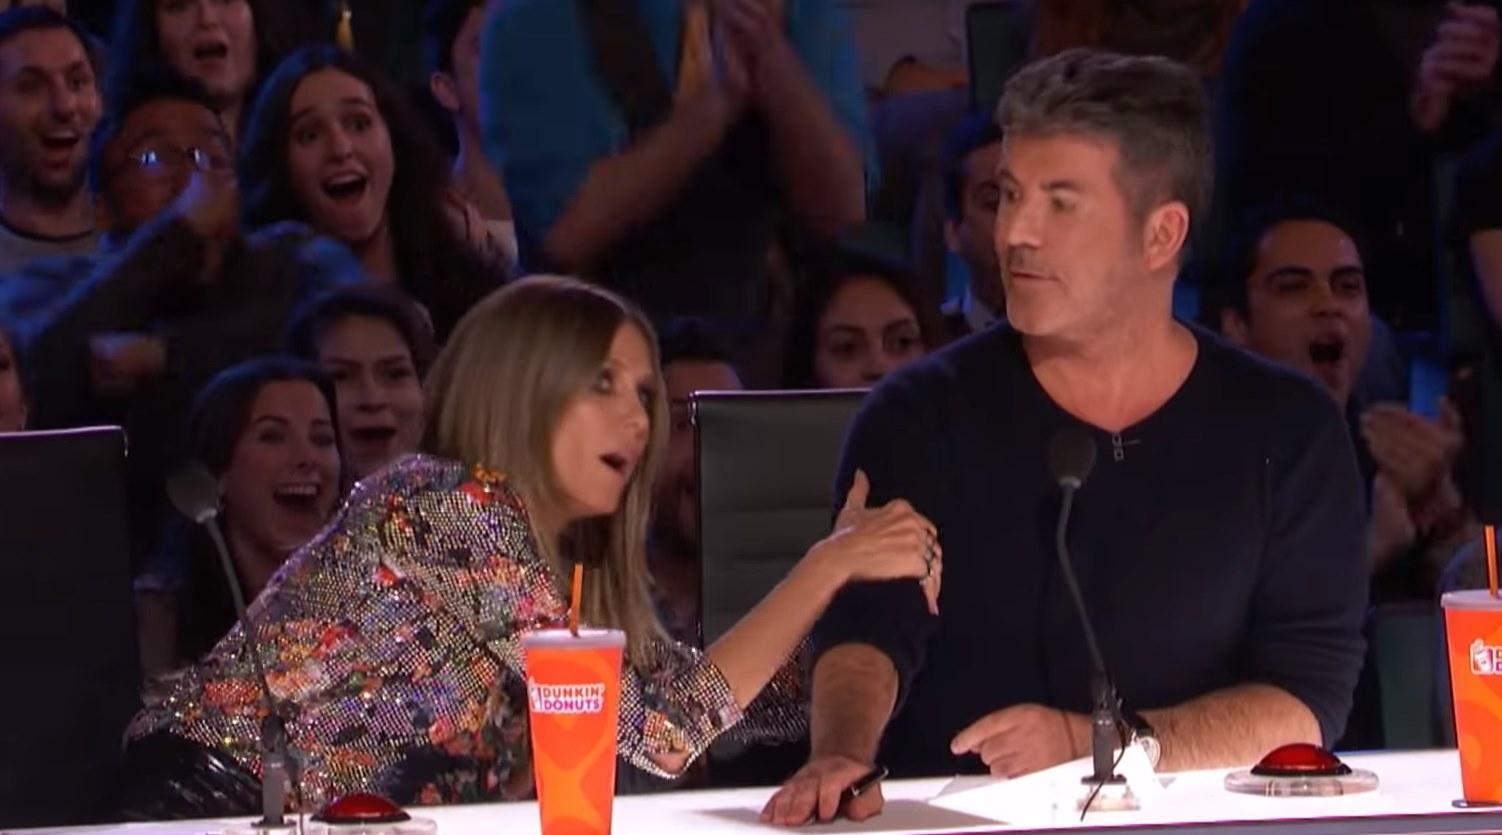 jurados america got talent impressionados grupo liderado brasileiro